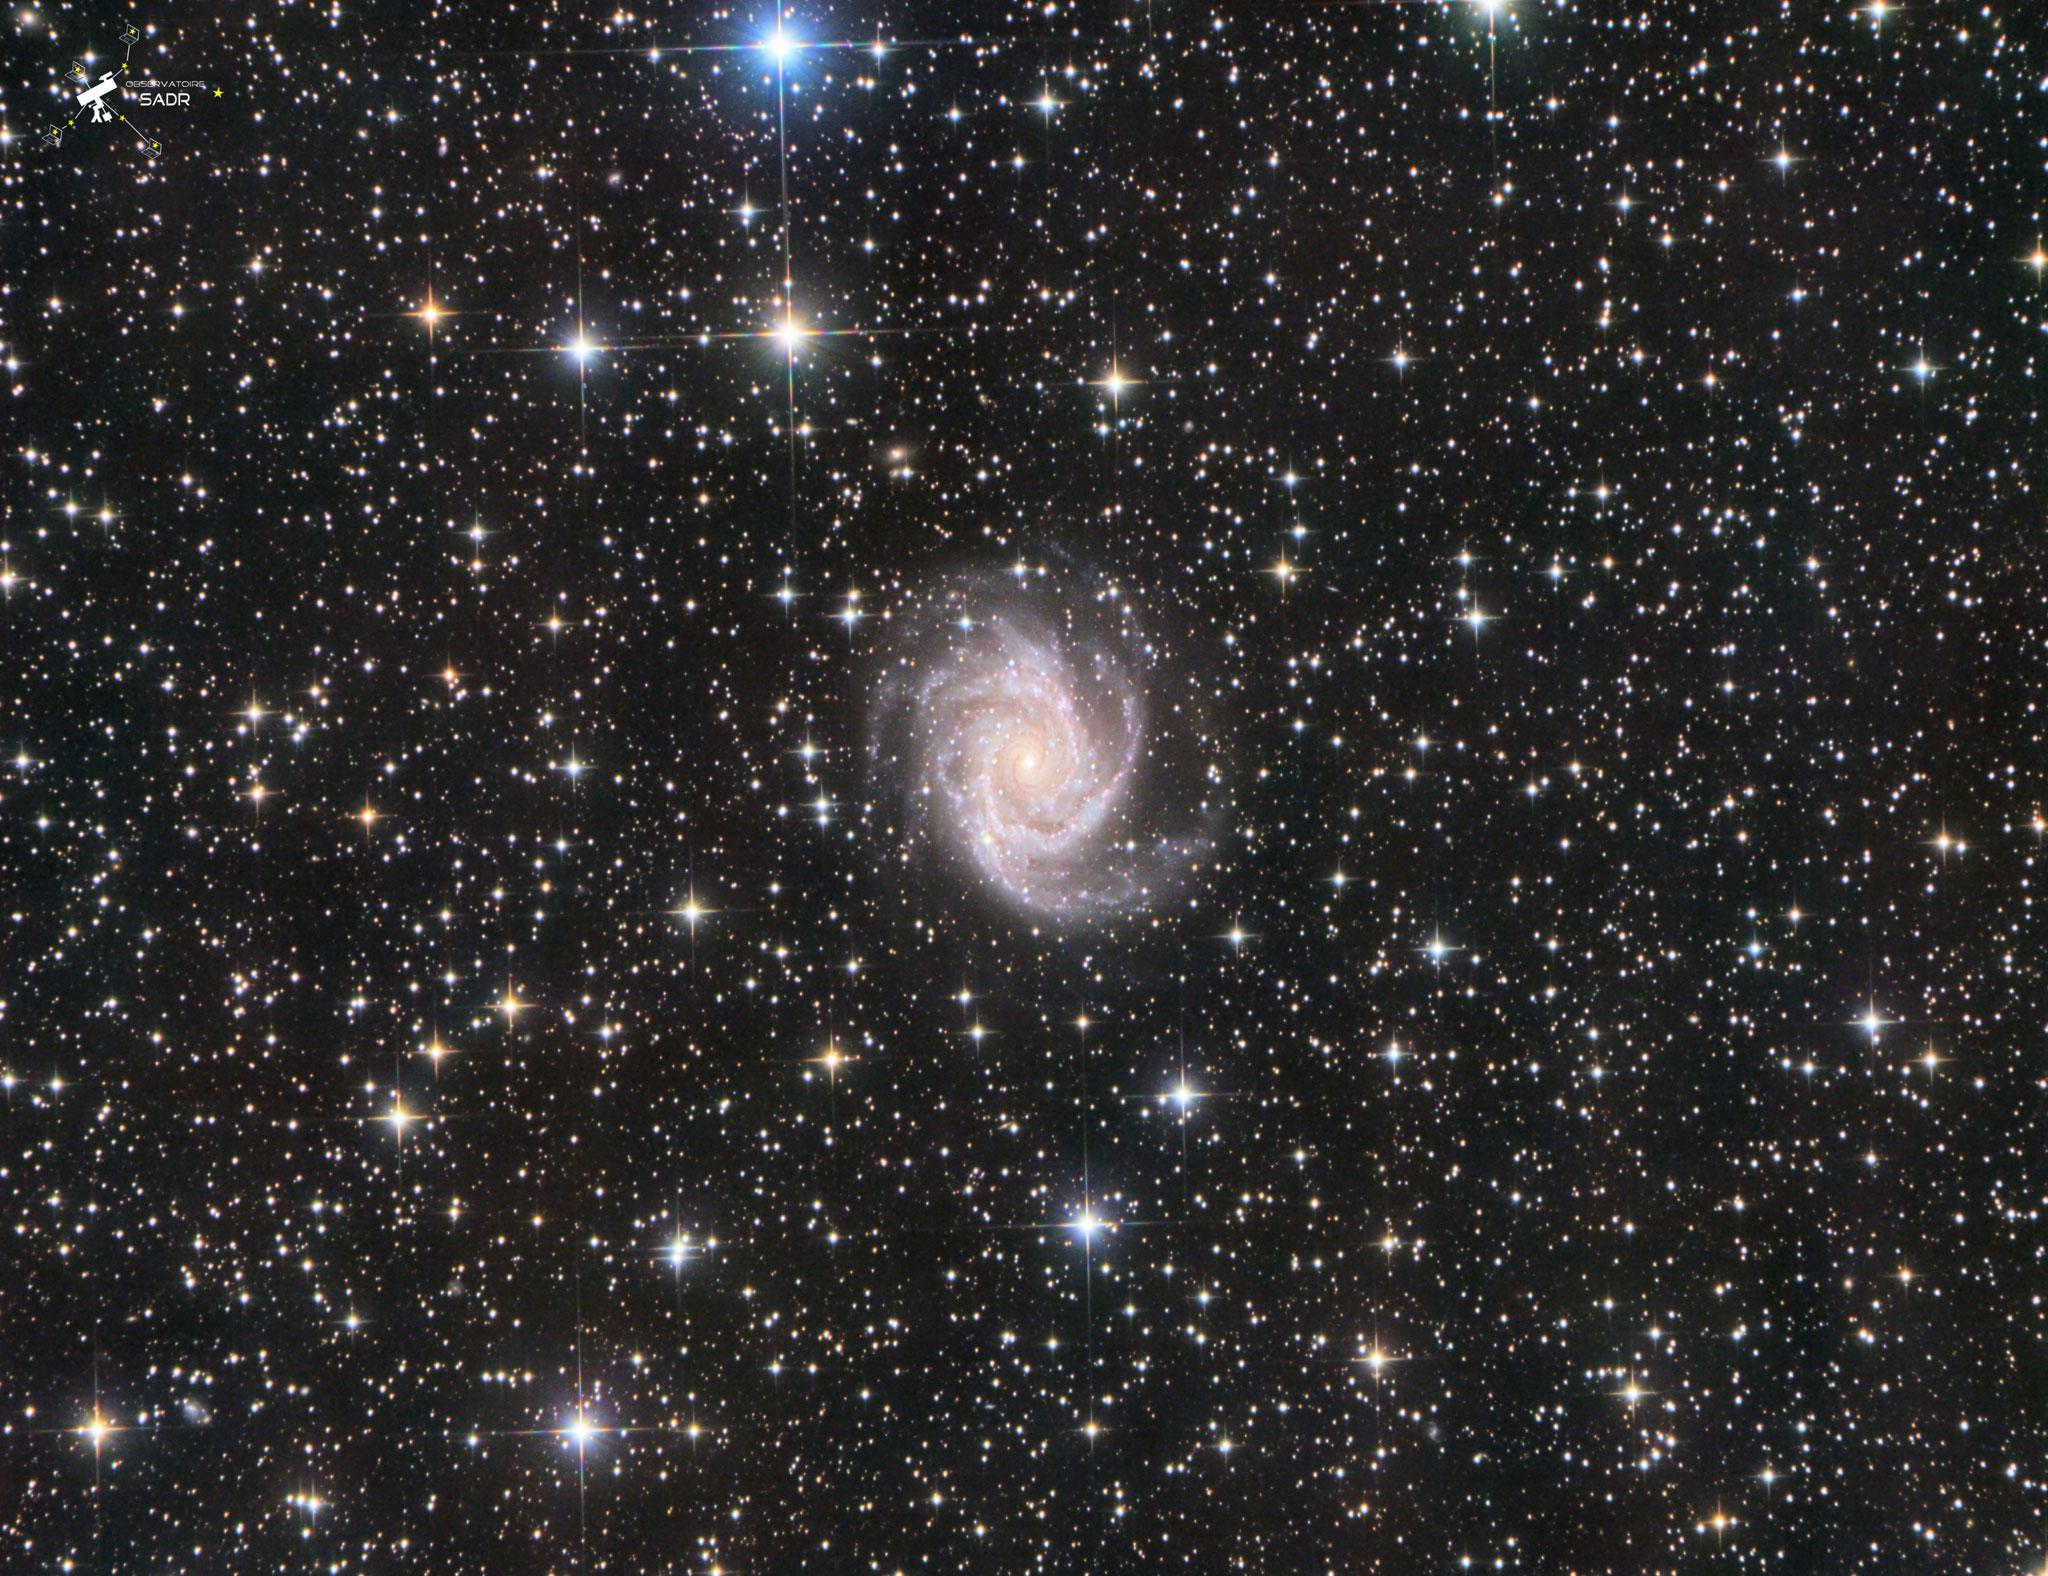 NGC2997 à 50 millions d'al dans la constellation de la Machine pneumatique. Des poses de 5 min en LRVB (63, 15, 15, 19), total ) 9h 20, T355, Chili, février 2019